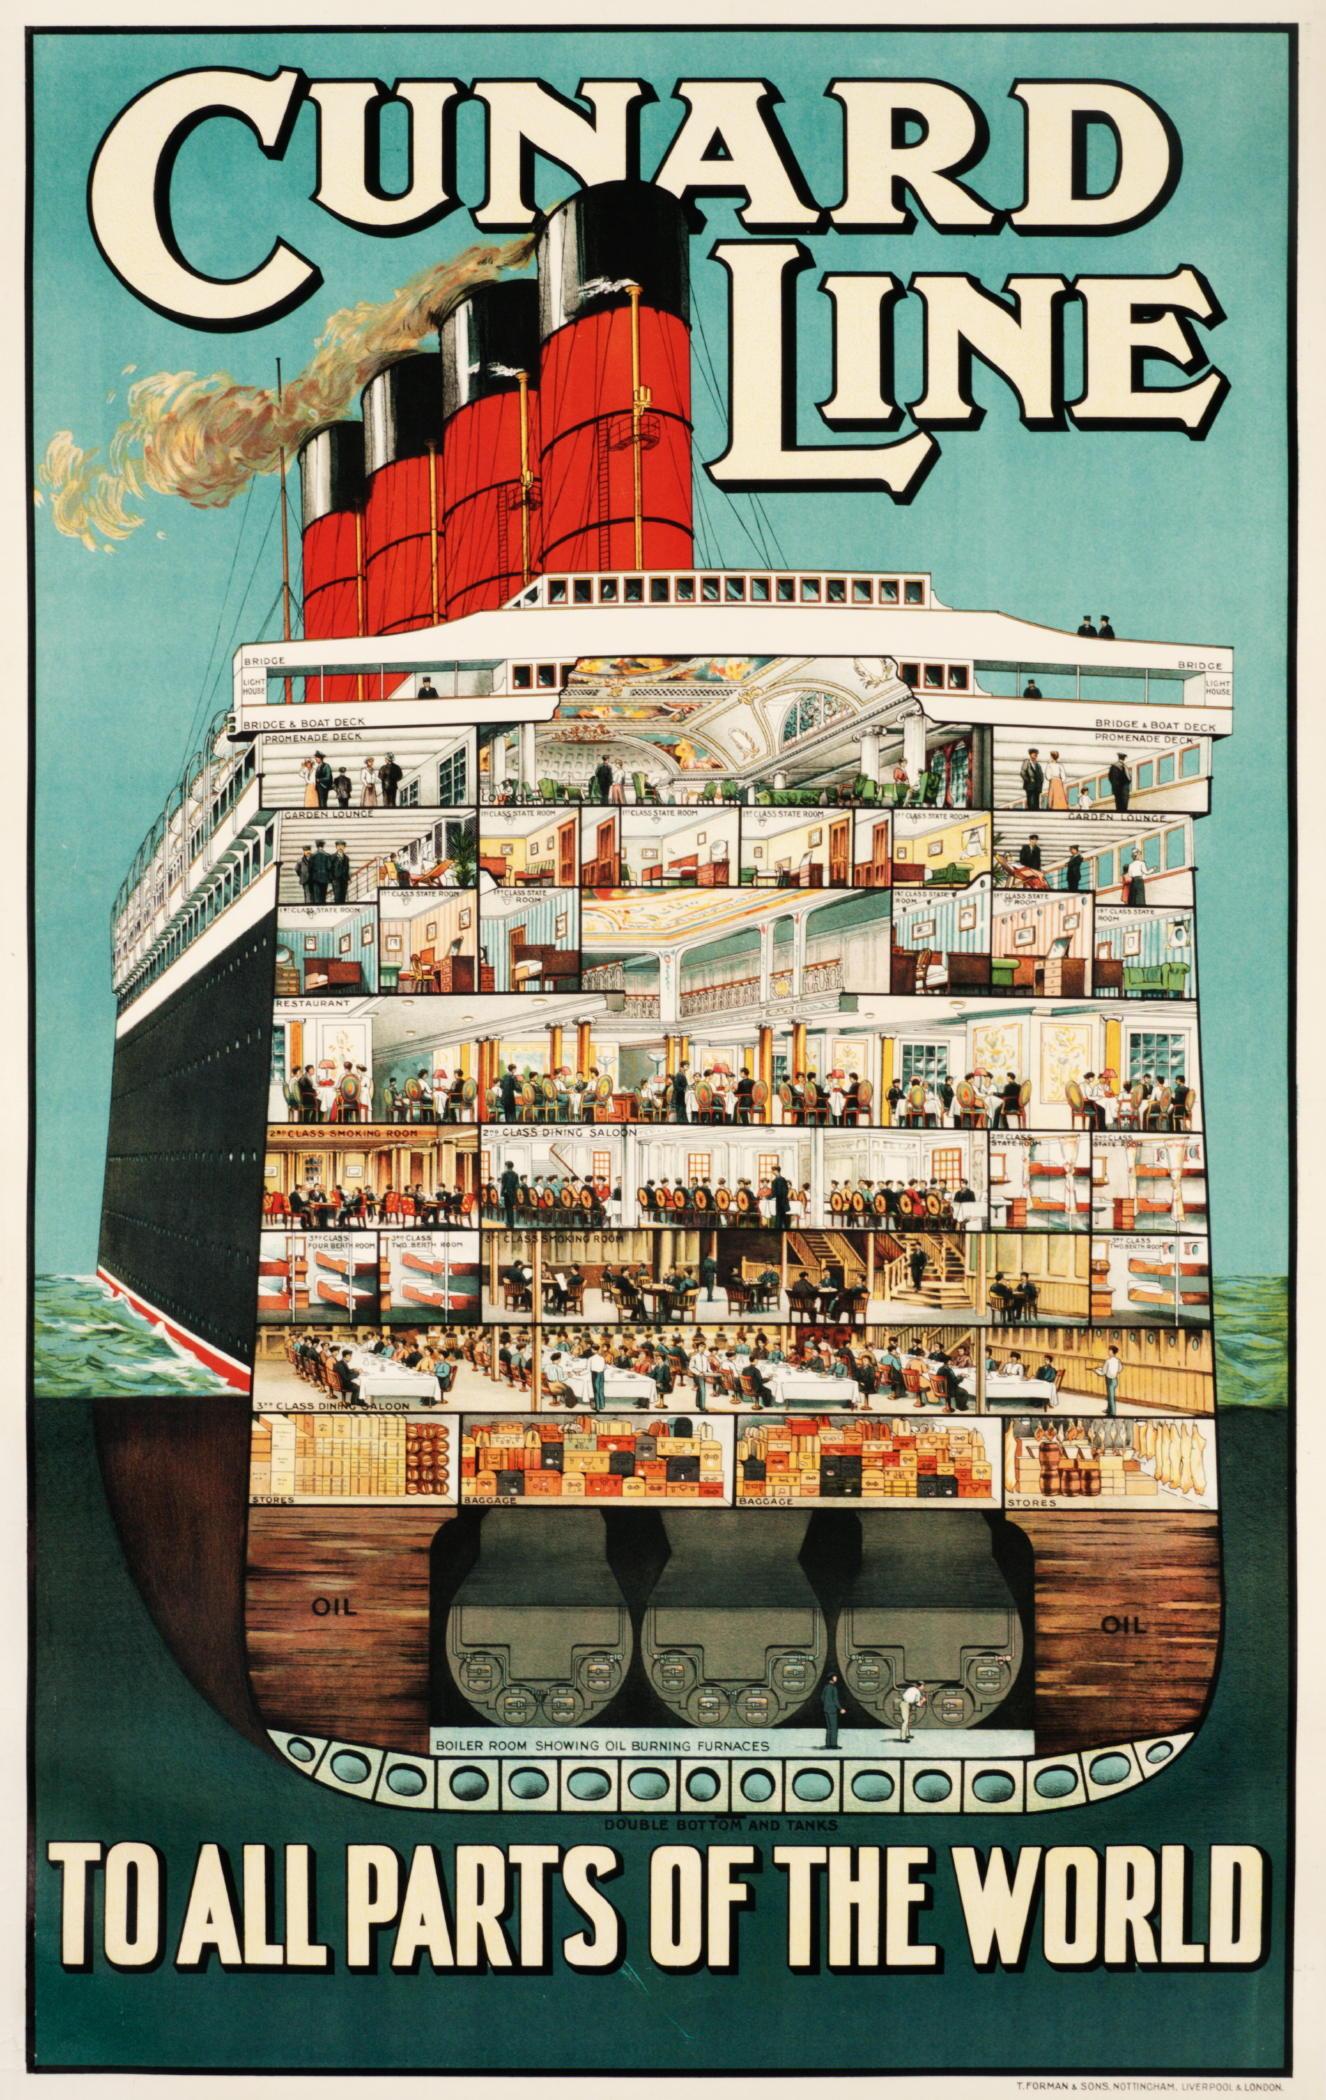 Free_Posters_Vintage-ilustracion-oldskull-02